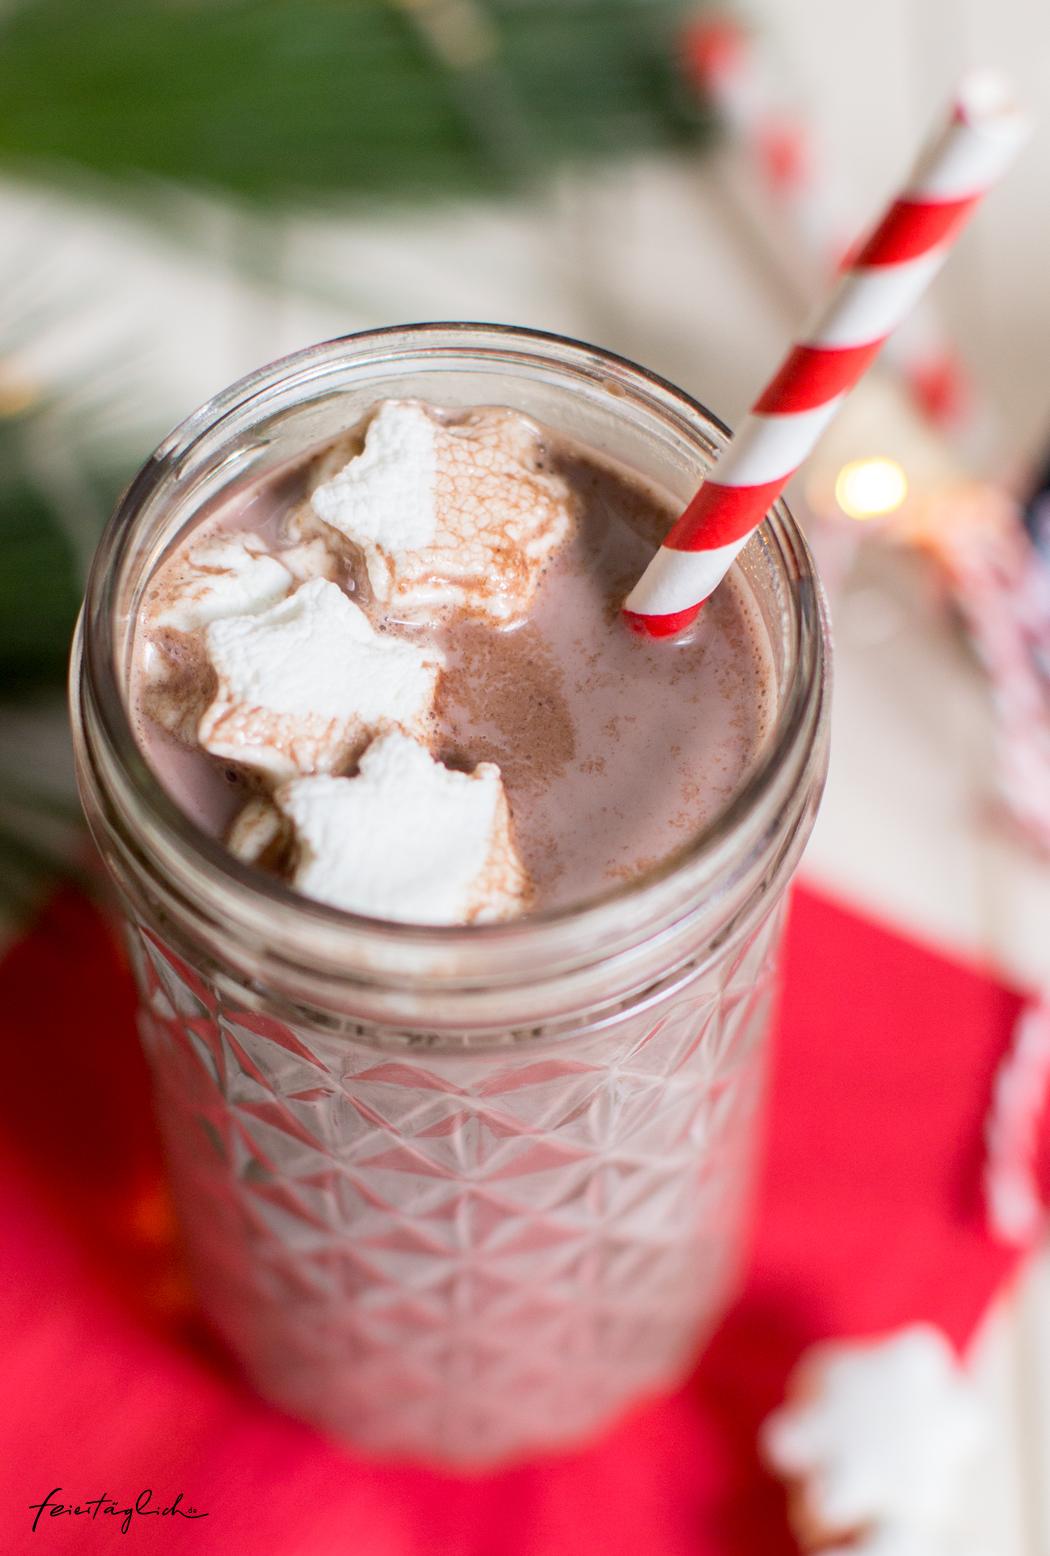 Geschenke aus der Küche: Heiße Weihnachts-Schokolade mit Marshmallow-Sternchen & Free-printable-Labels zum Ausdrucken